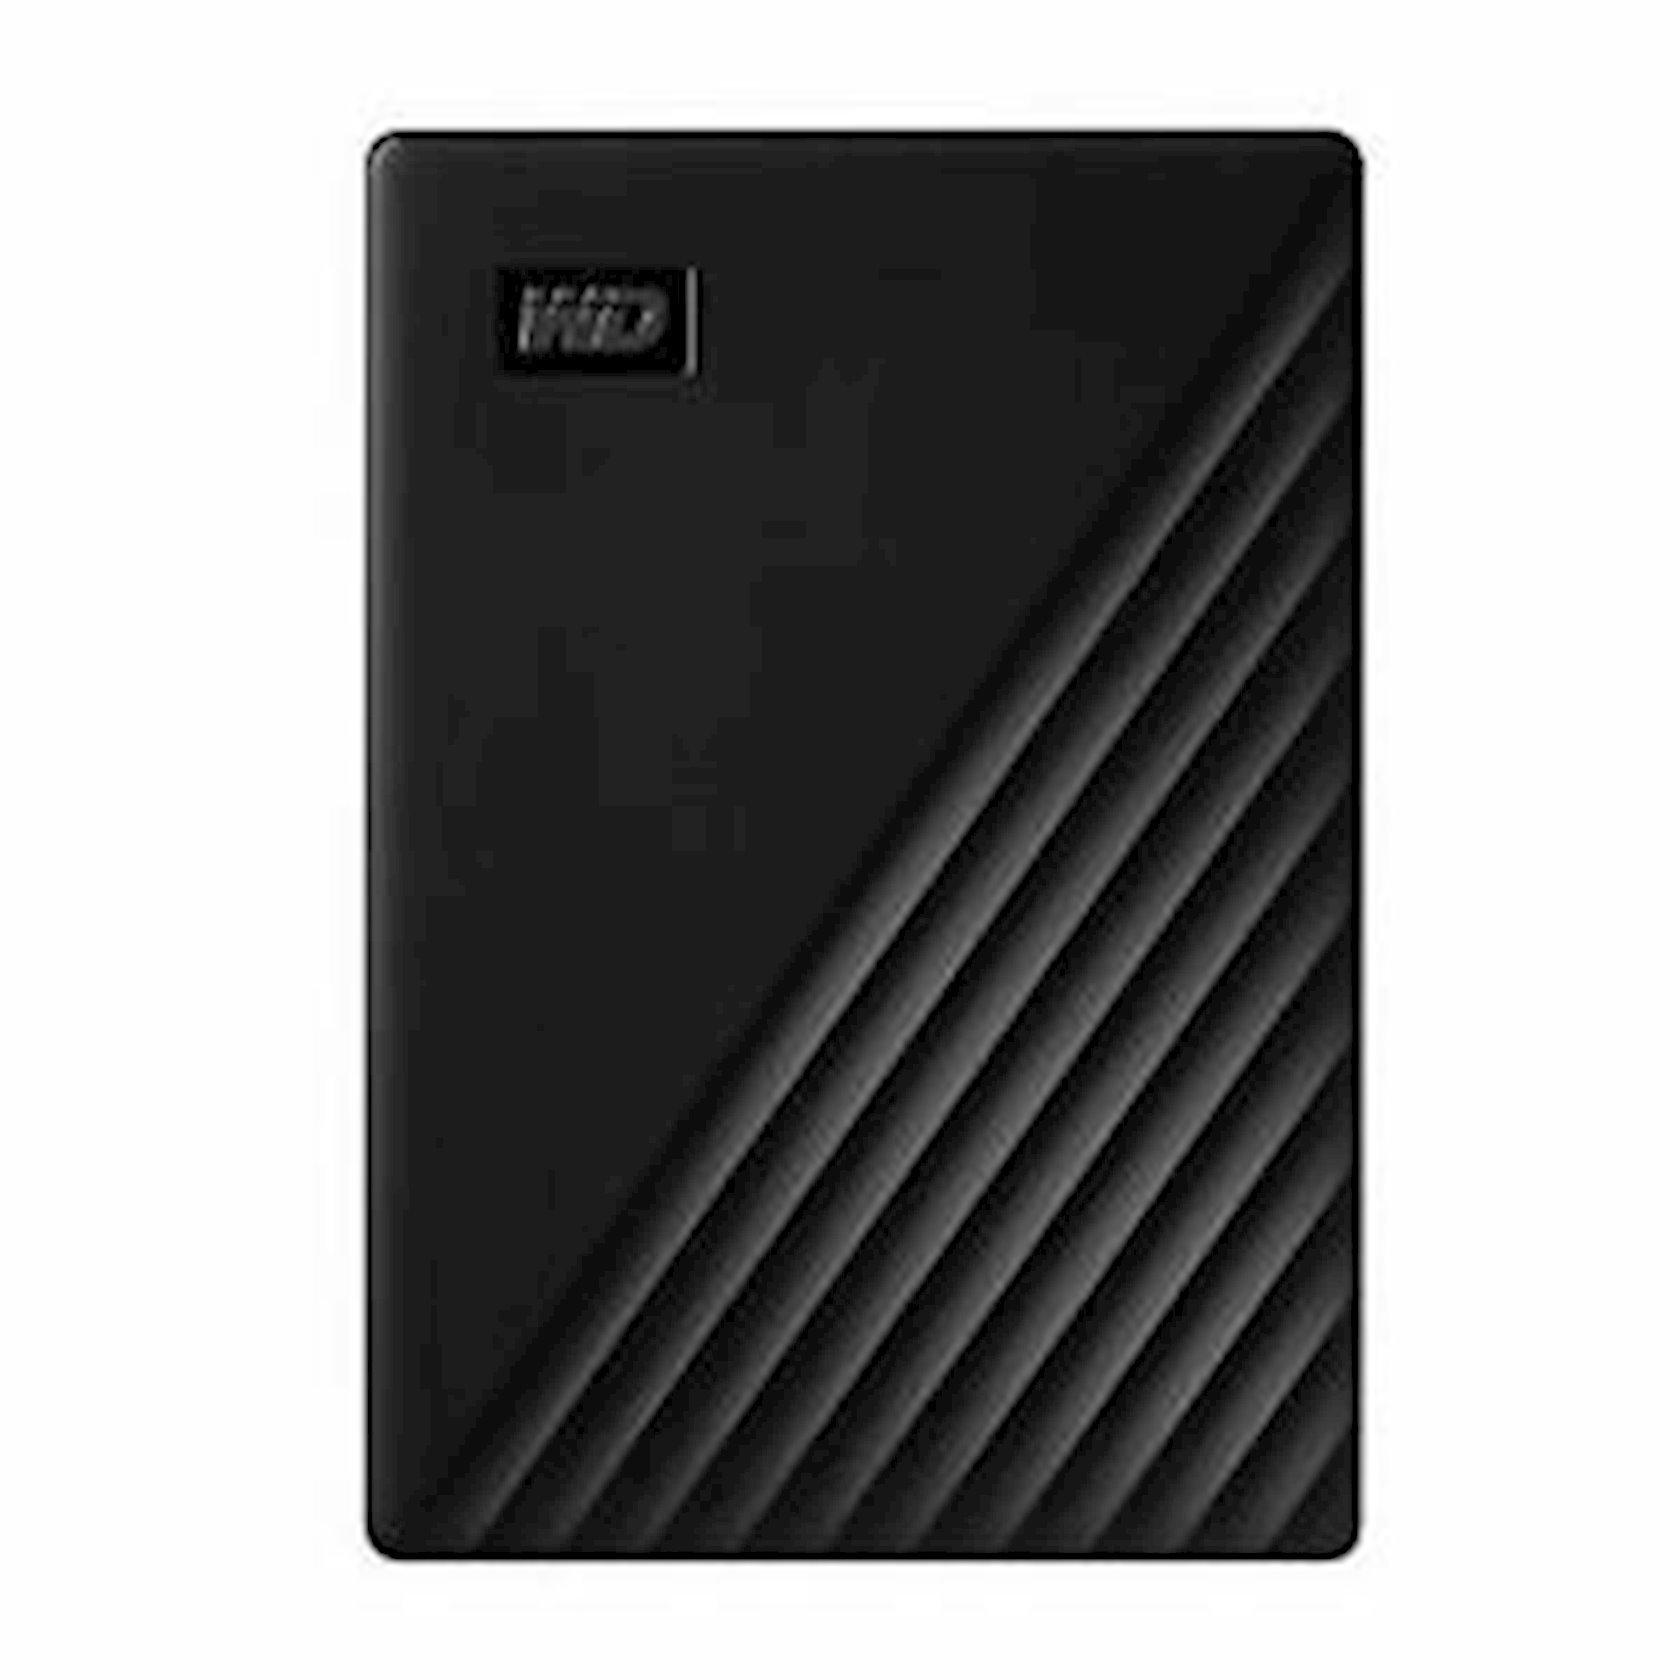 Xarici sərt disk WD My Passport 2 TB 2.5 Black